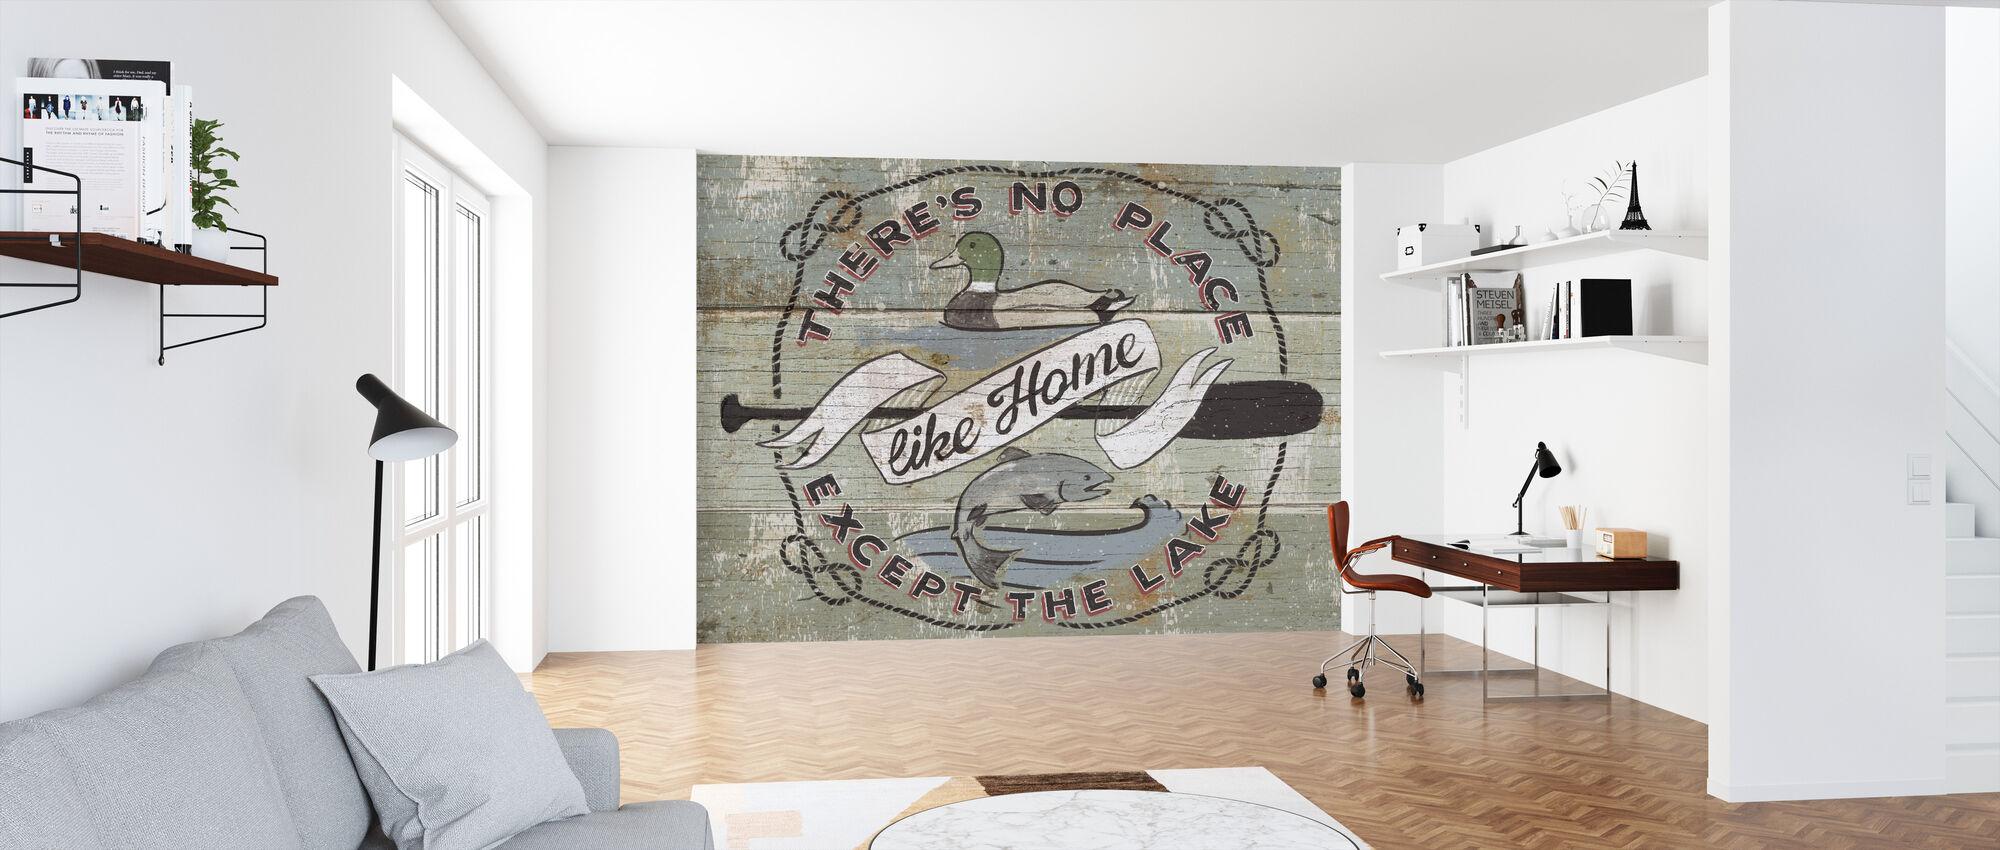 Cabin Fever IV - Wallpaper - Office